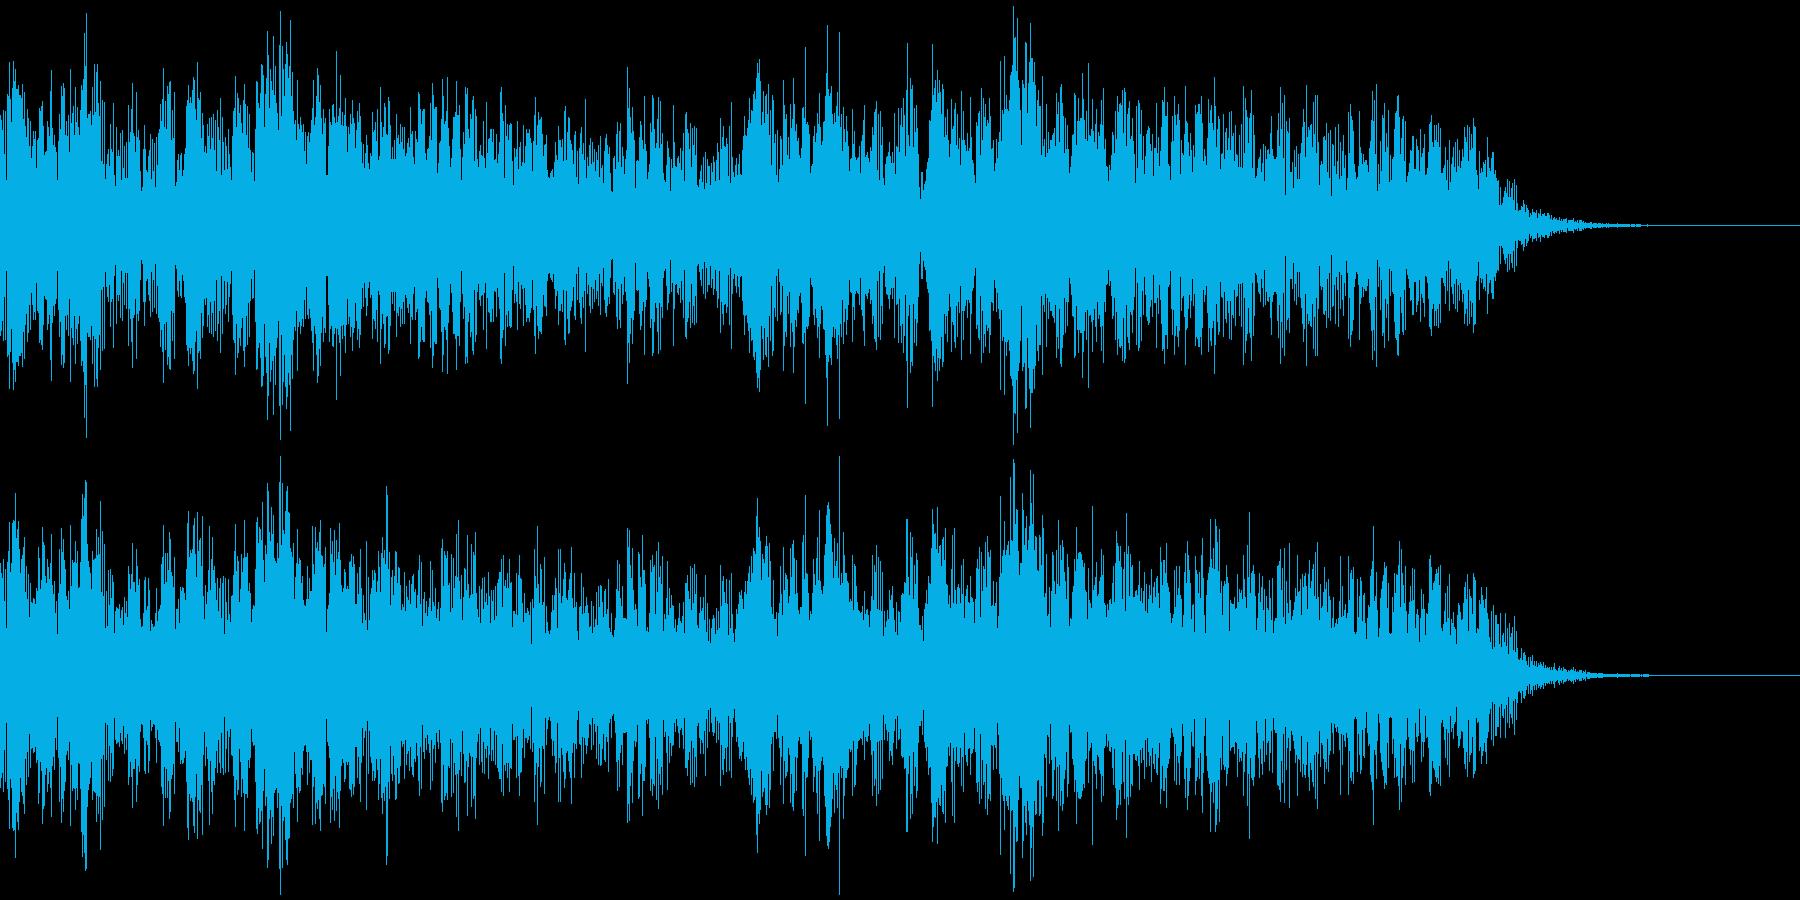 緊迫した雰囲気のSFチックなBGMの再生済みの波形